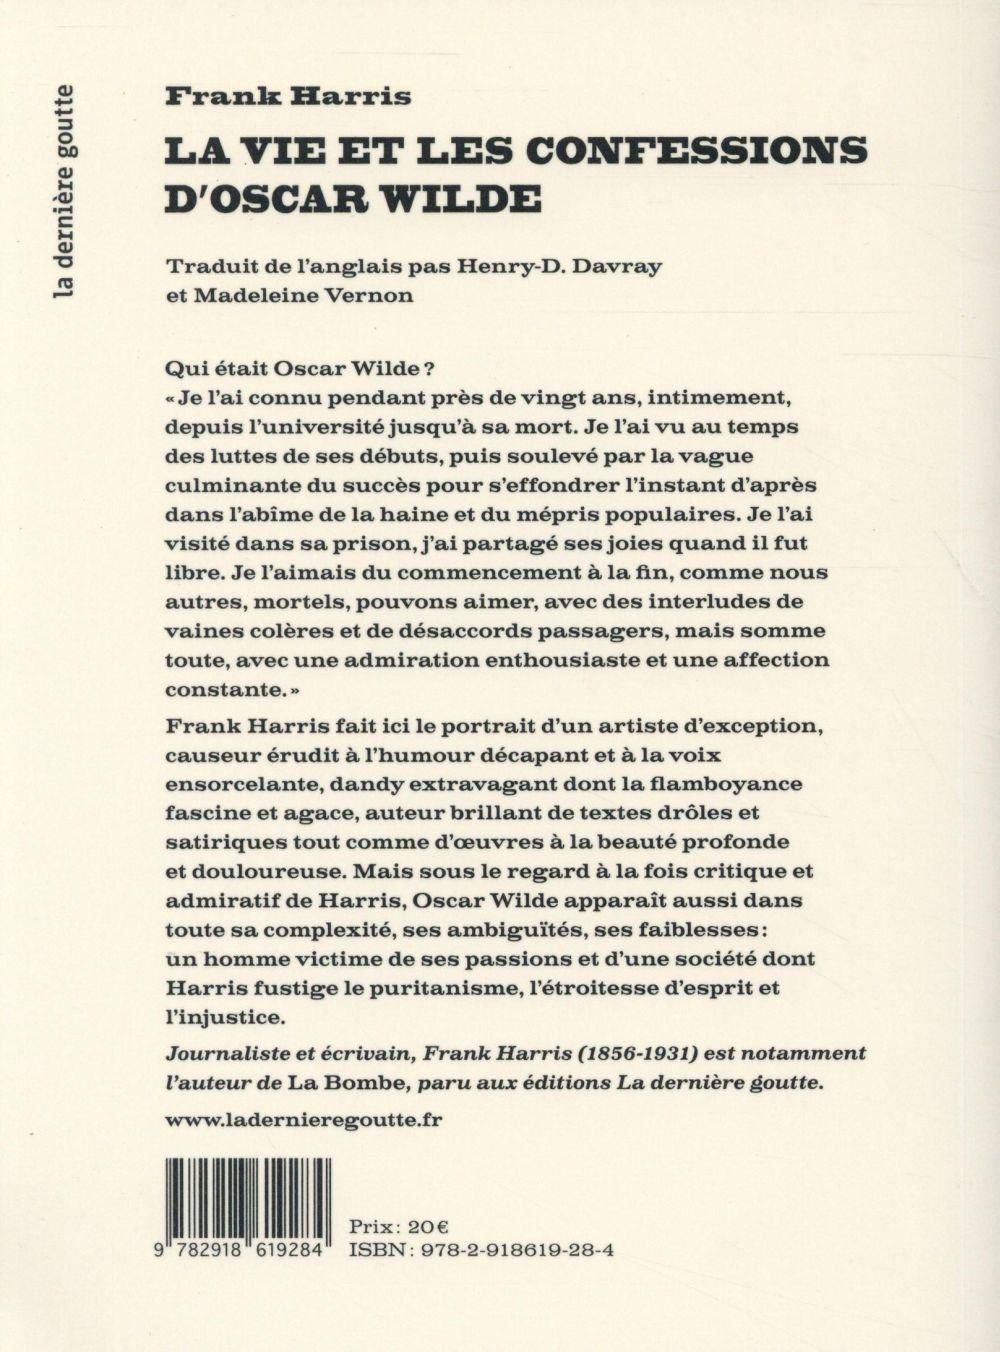 La vie et les confessions d'Oscar Wilde